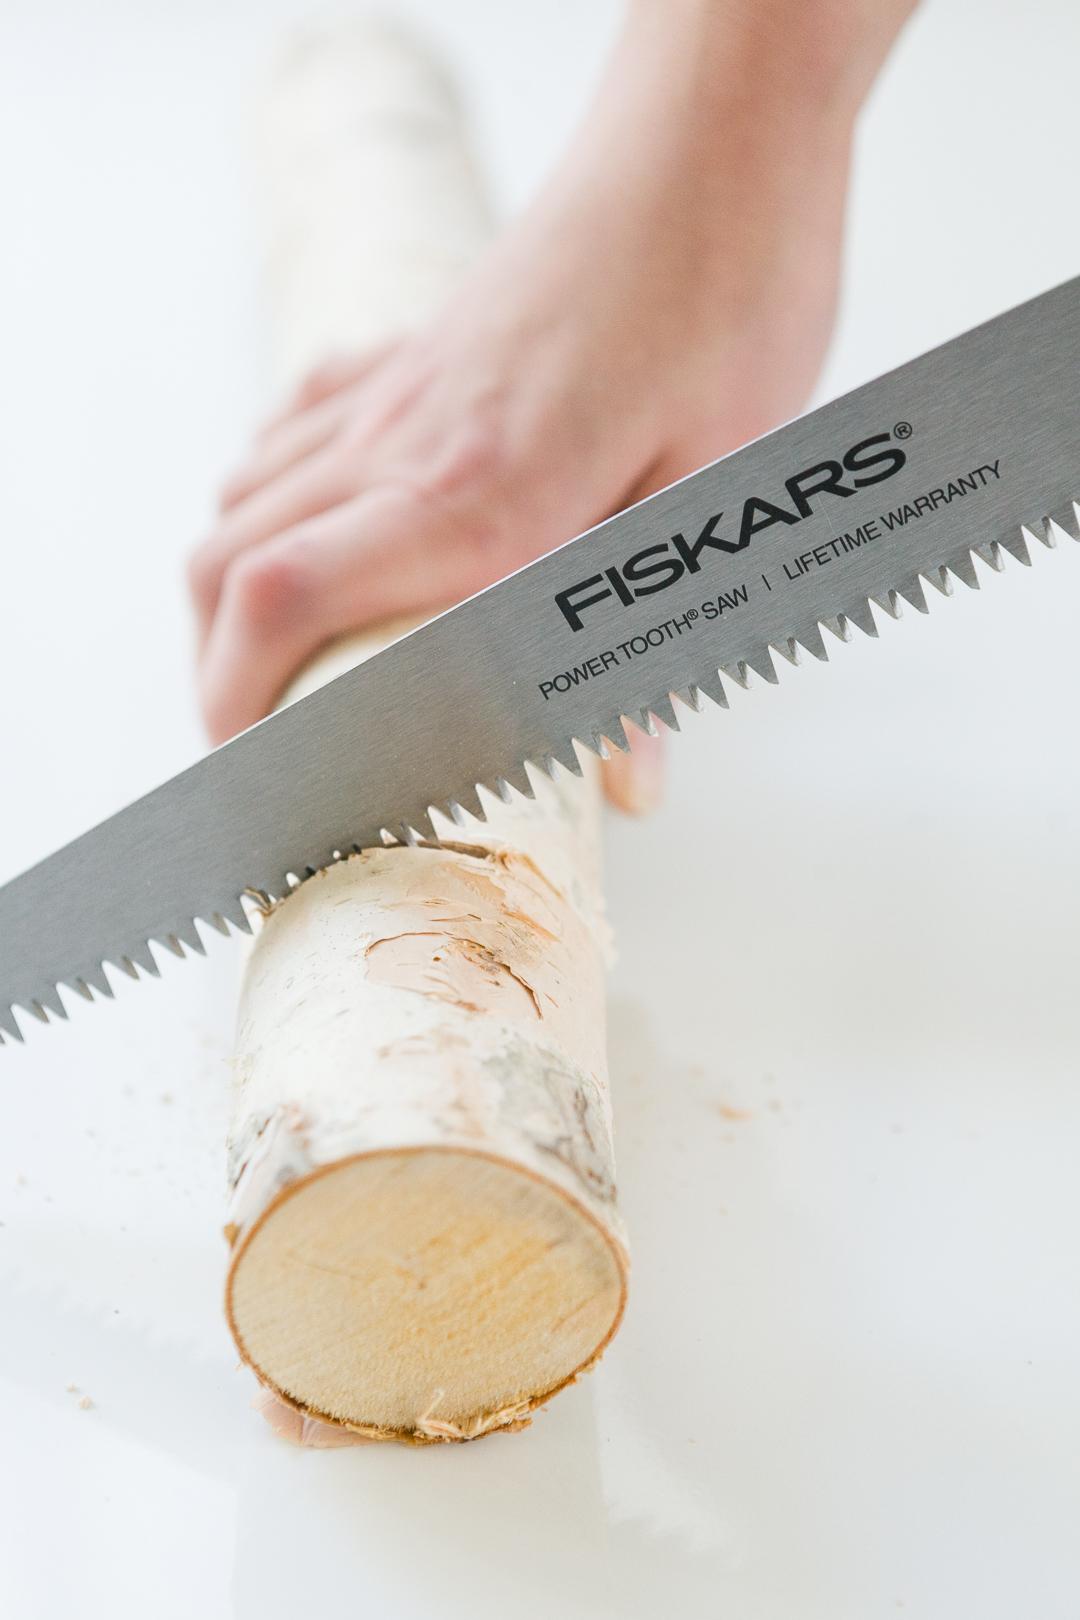 DIY Birch Log Ring Box -  http://ruffledblog.com/diy-birch-log-ring-box/ width=